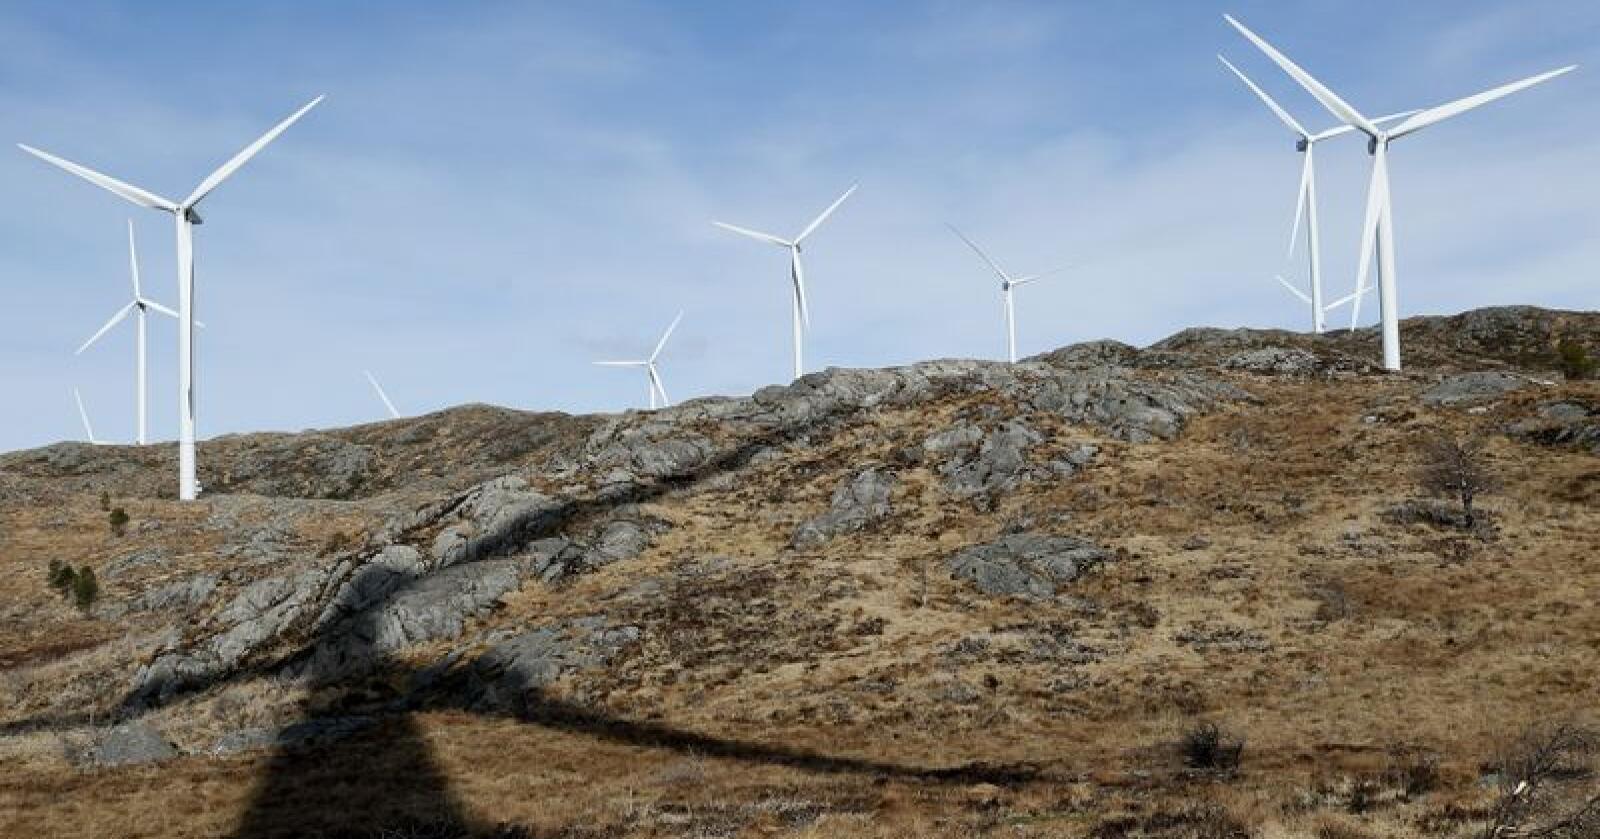 Nokre av vindturbinane i Midtfjellet vindpark i Fitjar kommune i Hordaland. Foto: Jan Kåre Ness / NTB scanpix / NPK